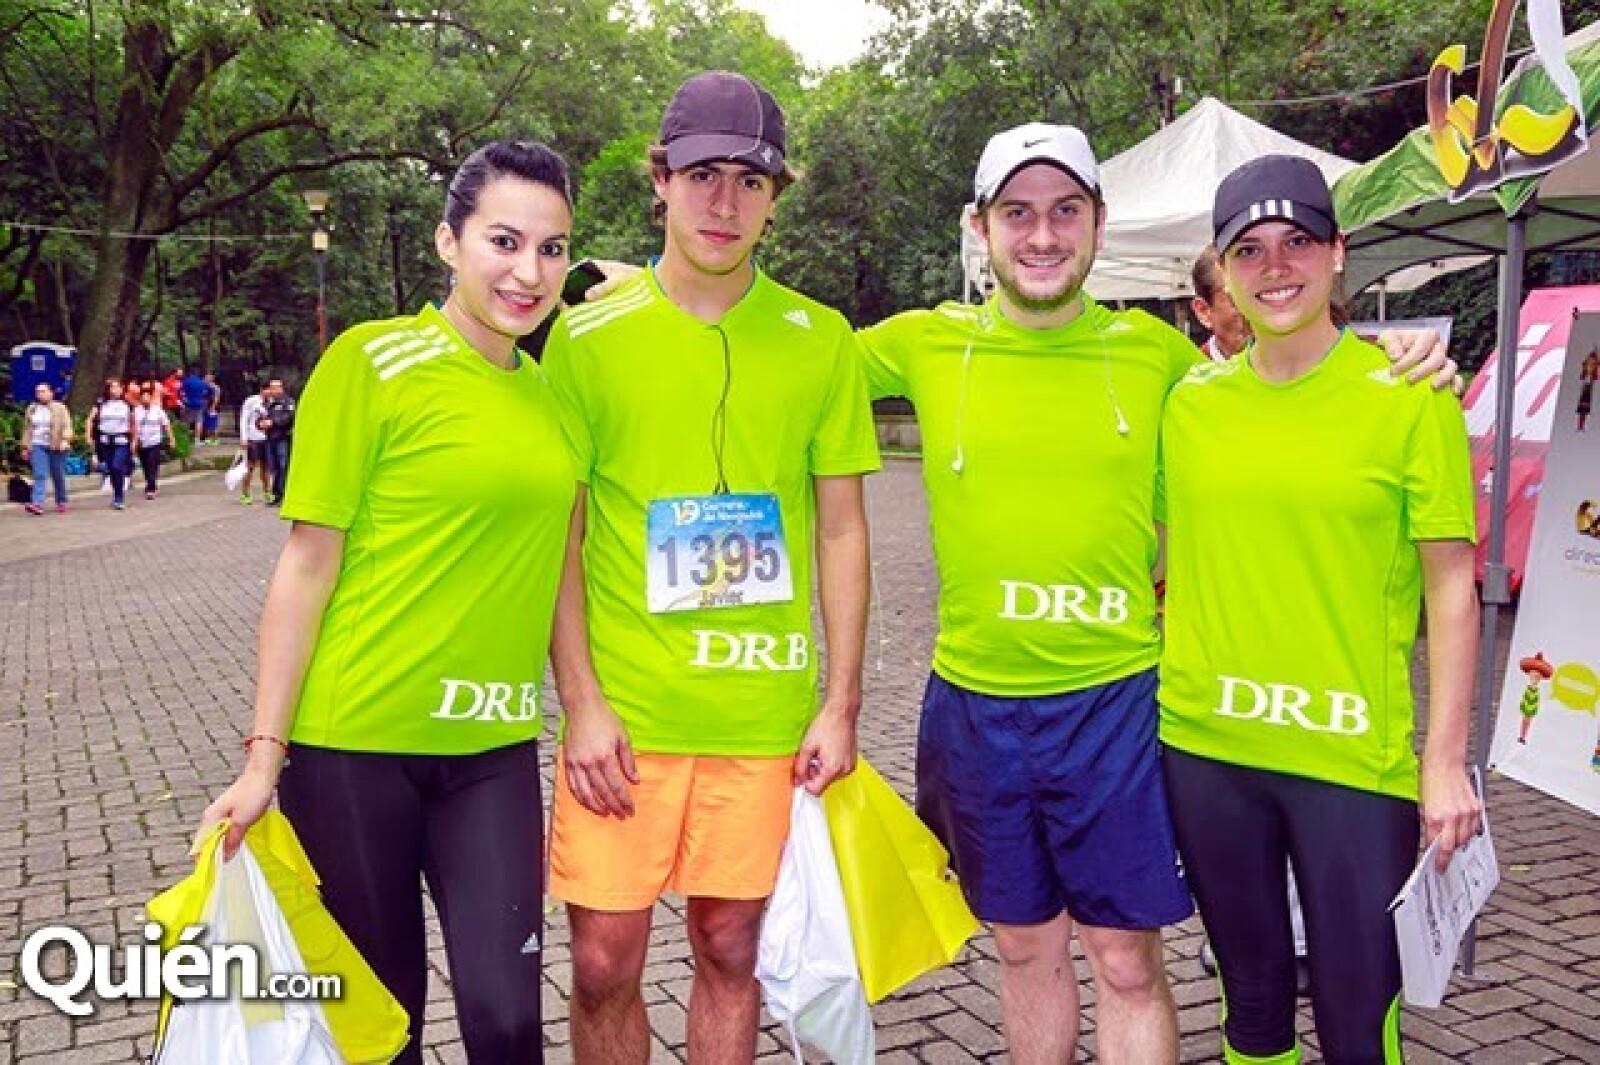 Azucena Ahumada,Javier Orozco,Diego Cortina y Fernanda Gallón